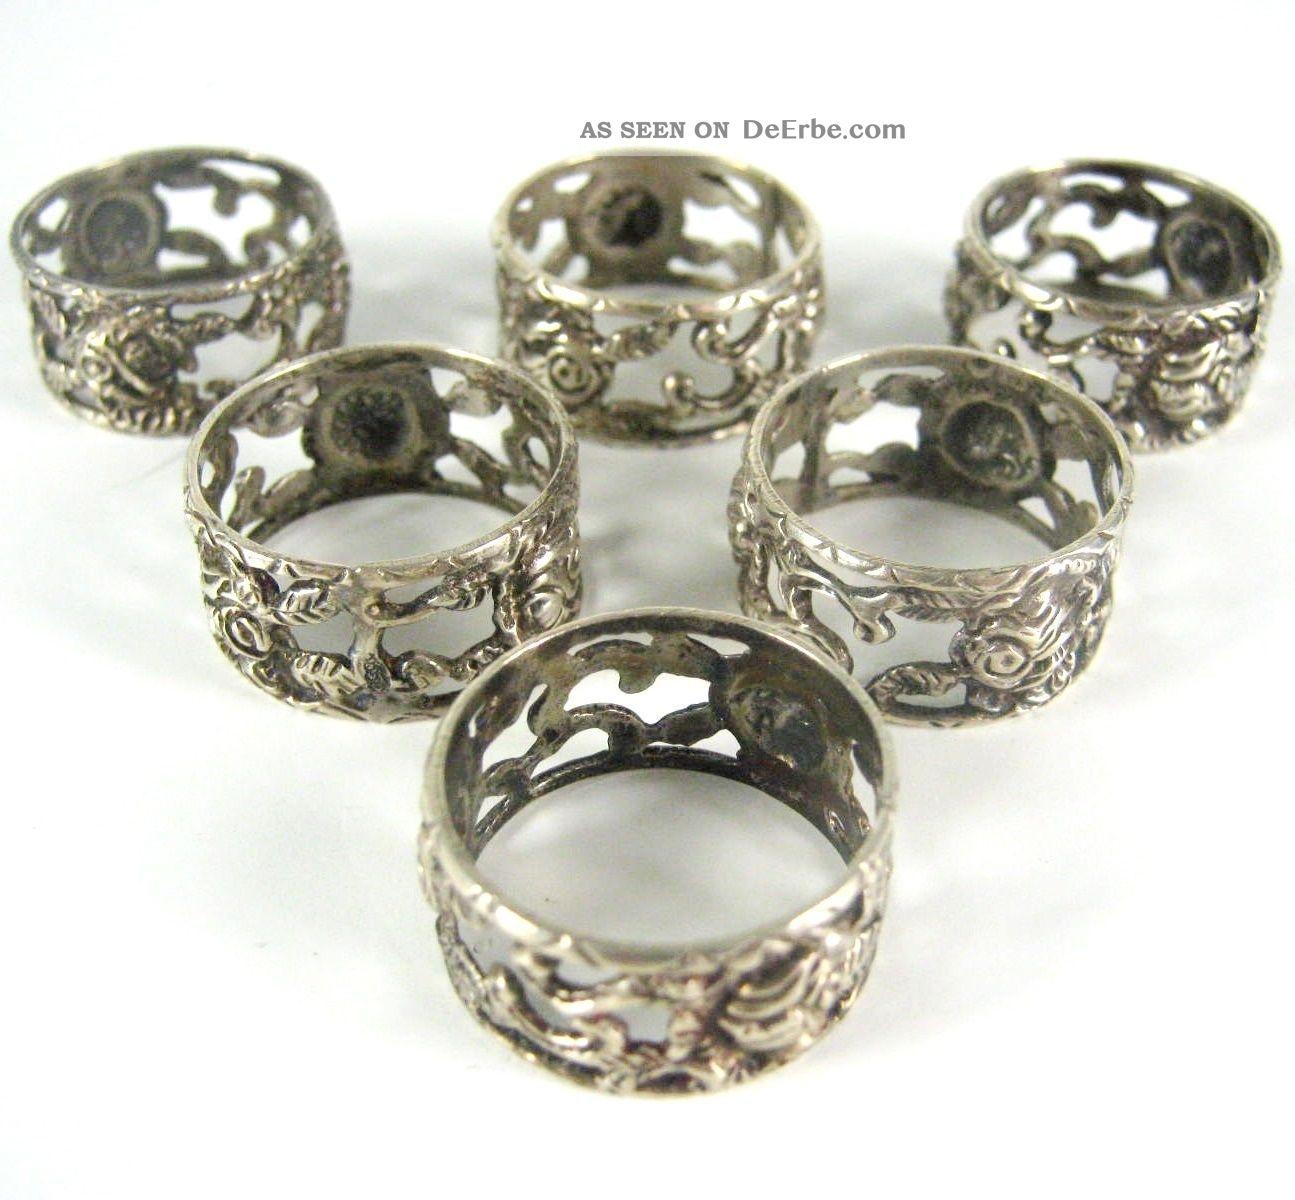 christoph bach serviettenringe aus 835er silber 6 st ck silver napkin rings. Black Bedroom Furniture Sets. Home Design Ideas